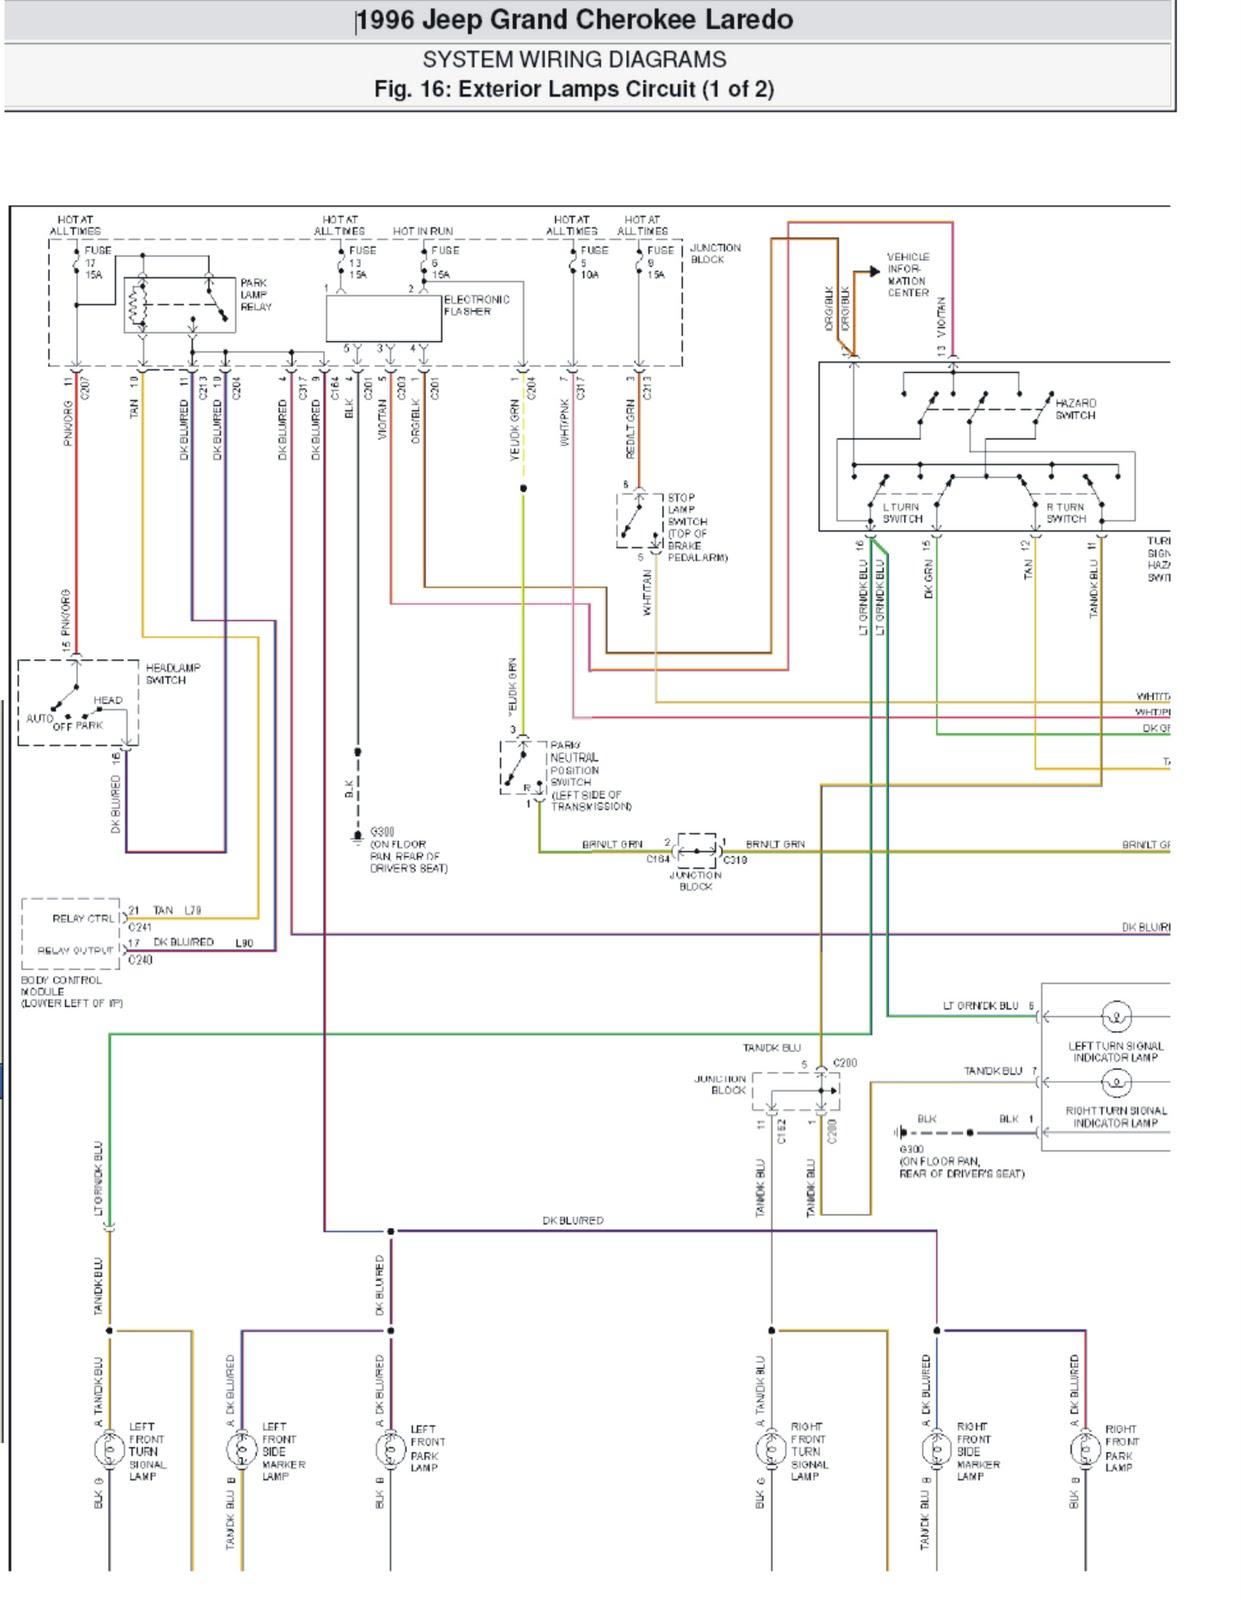 AO_0723] Jeep Wrangler Yj Wiring Diagram On Wiring Diagram 1994 Jeep  Wrangler Download DiagramCrove Bletu Benol Mohammedshrine Librar Wiring 101